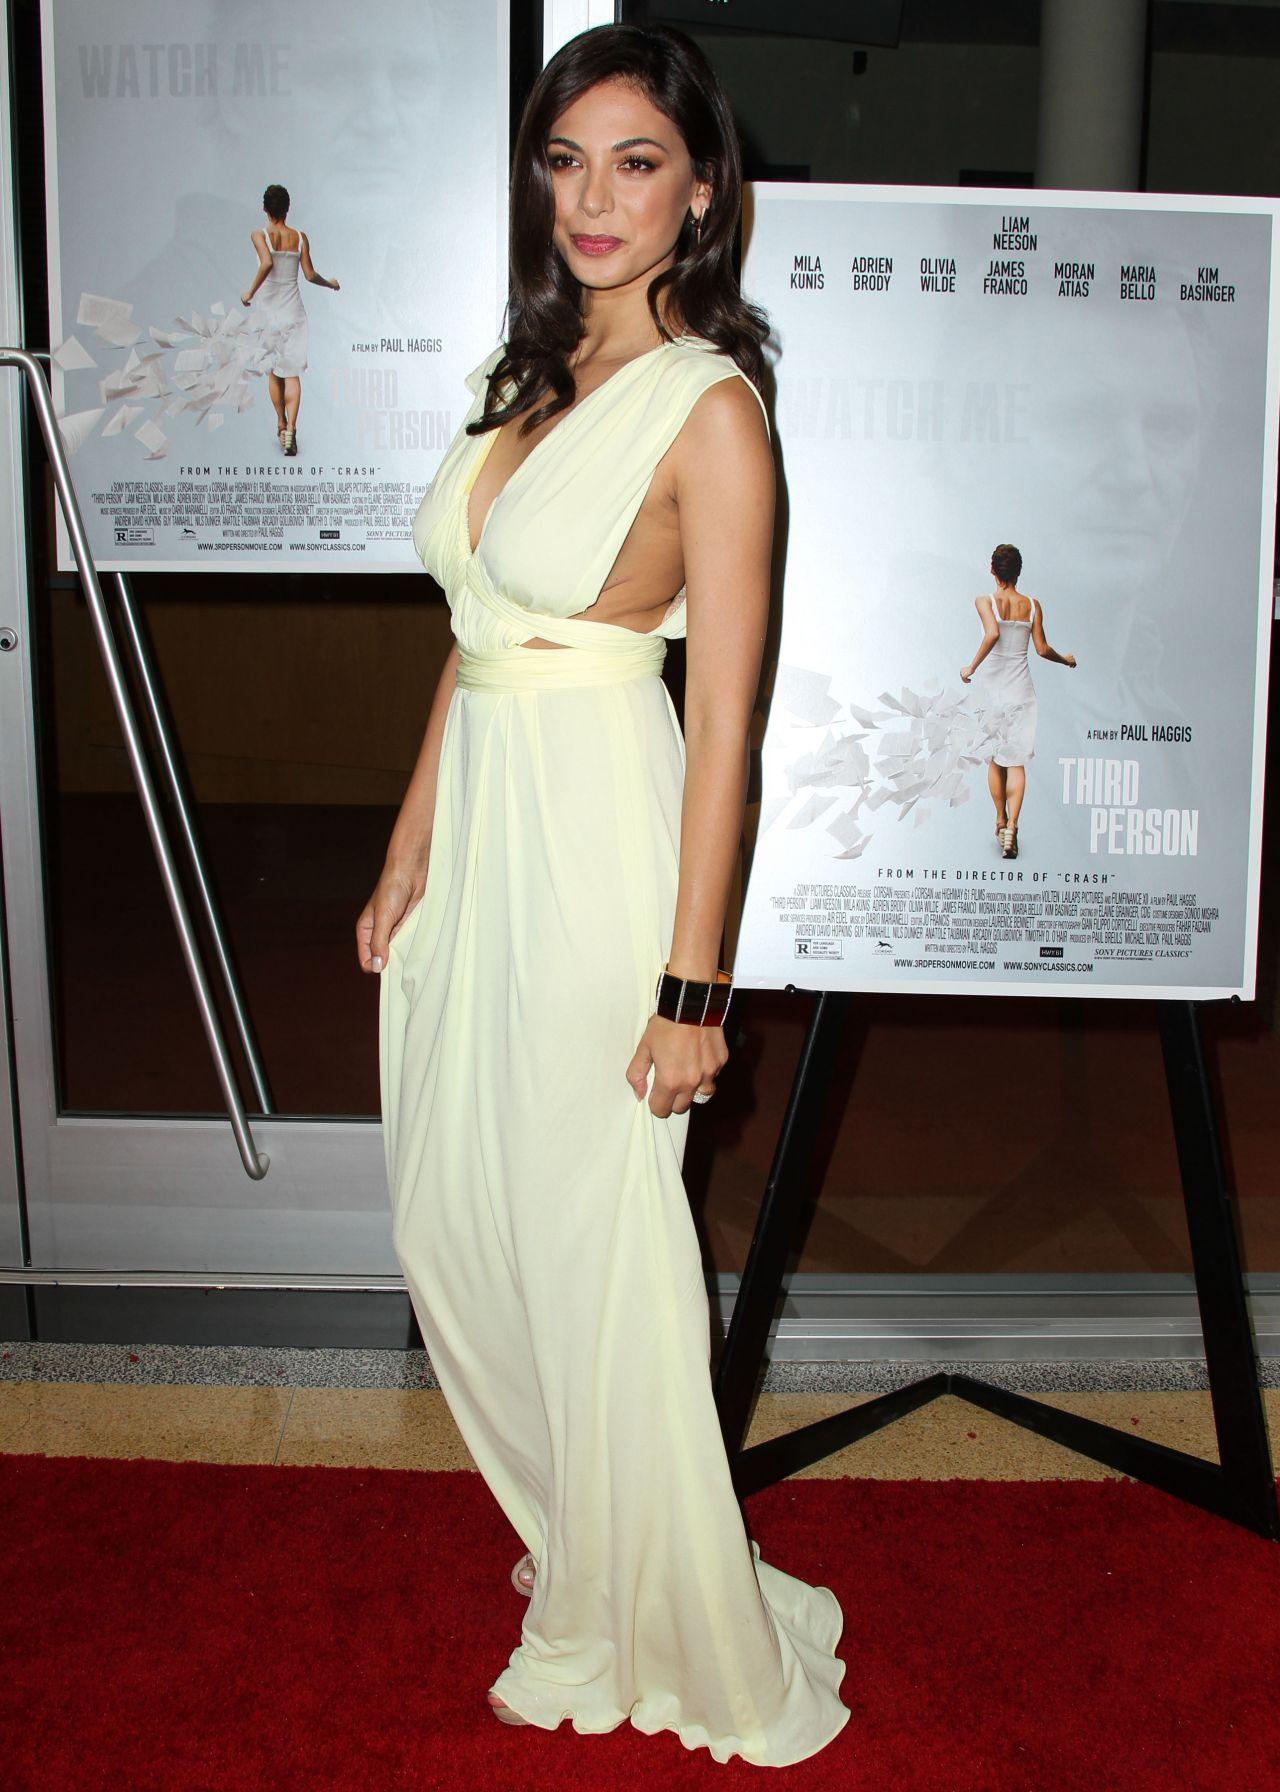 THIRD PERSON Premiere in Los Angeles – Moran Atias